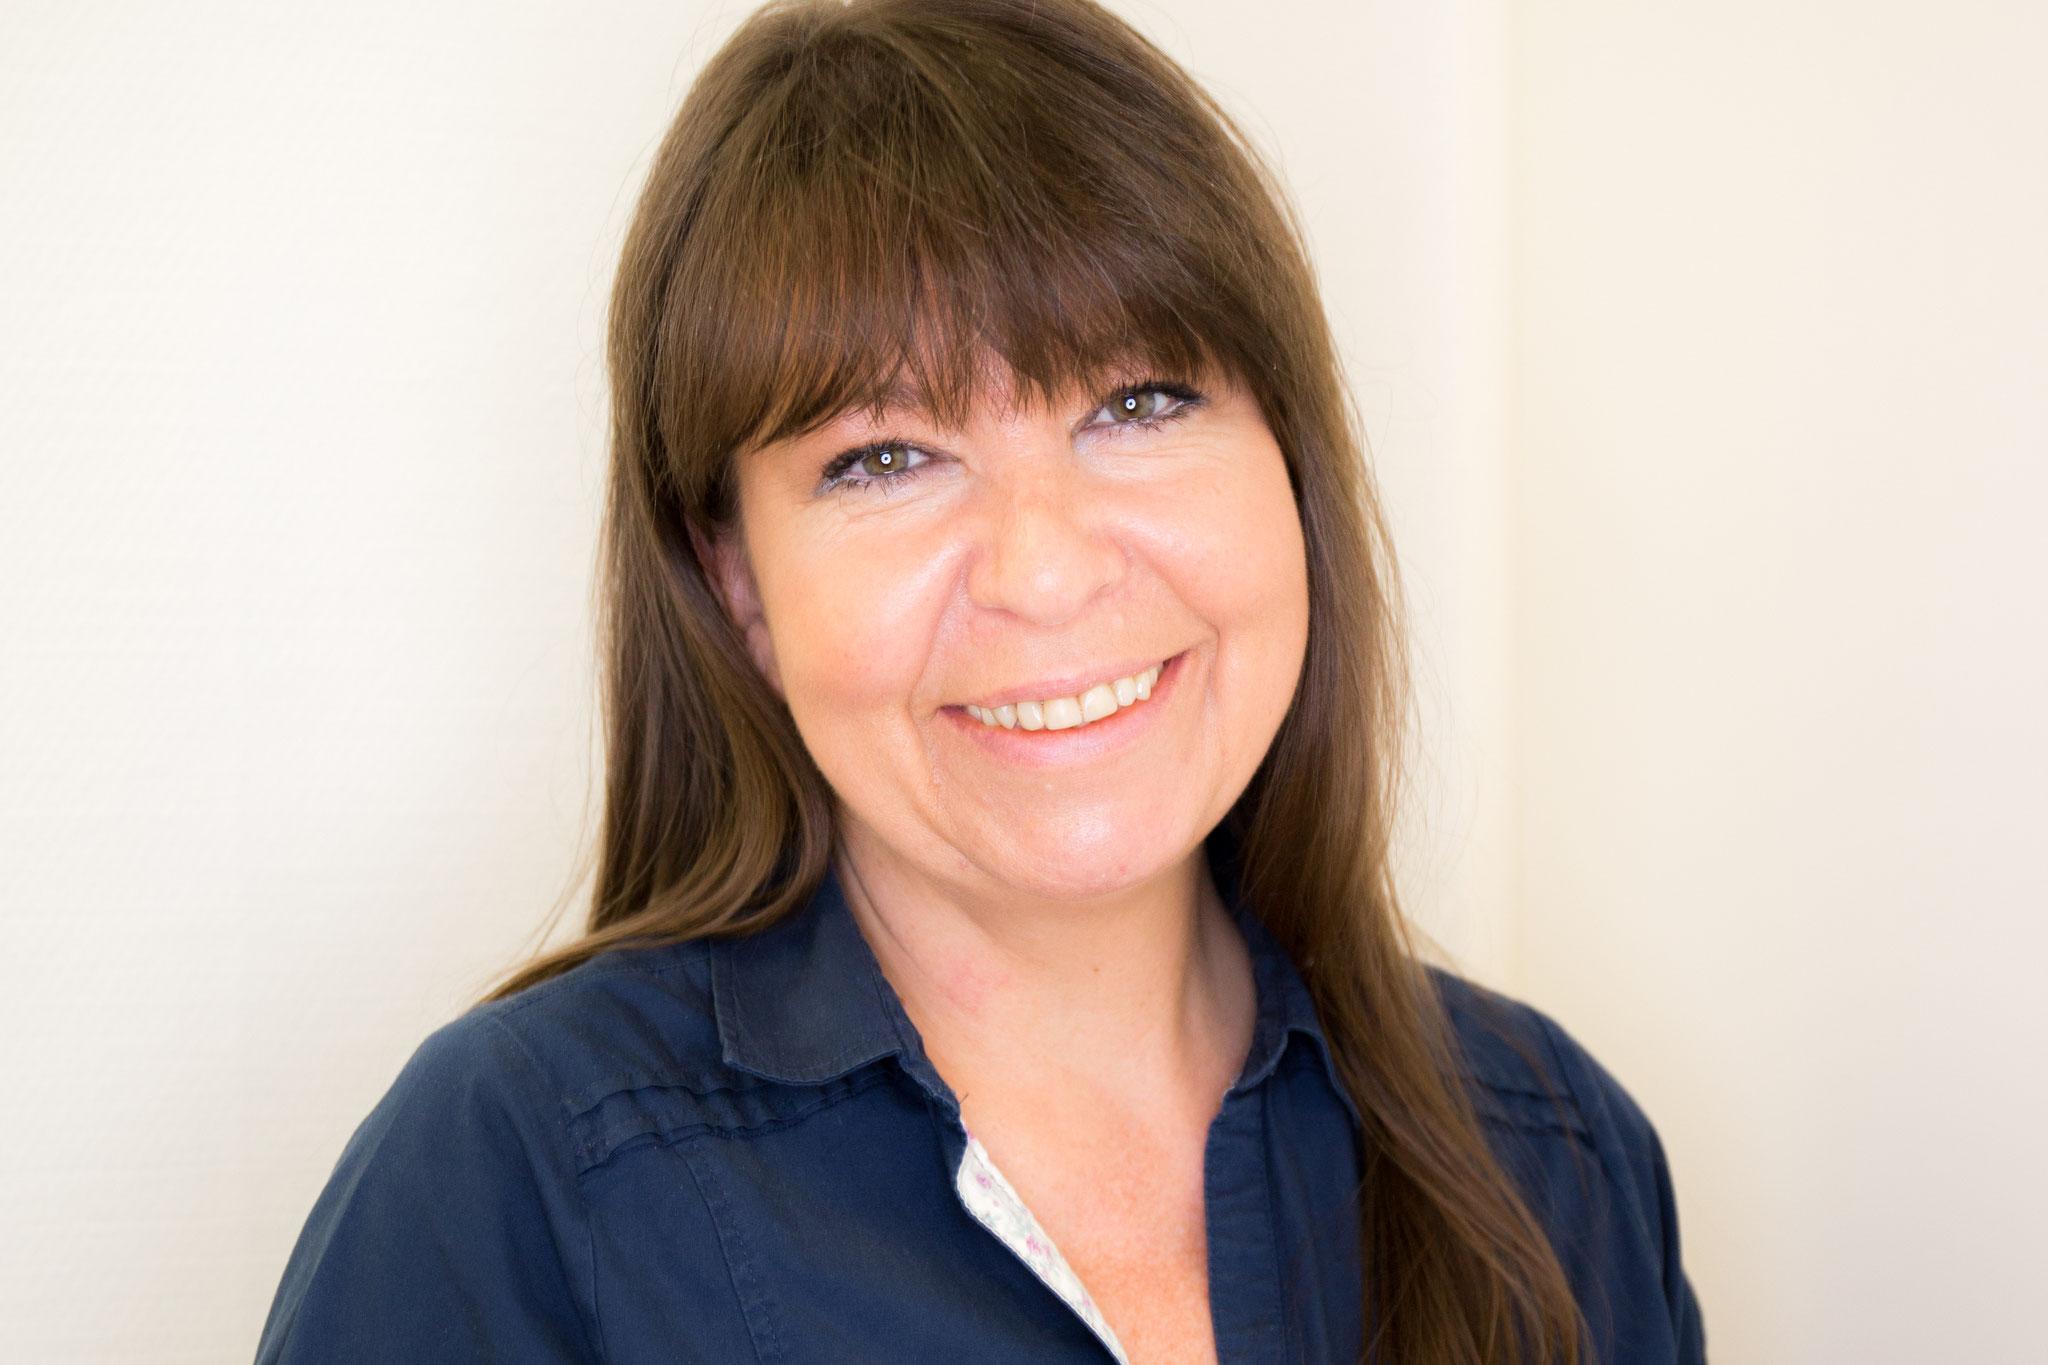 Zahntechnikerin Kirsten Bubbers